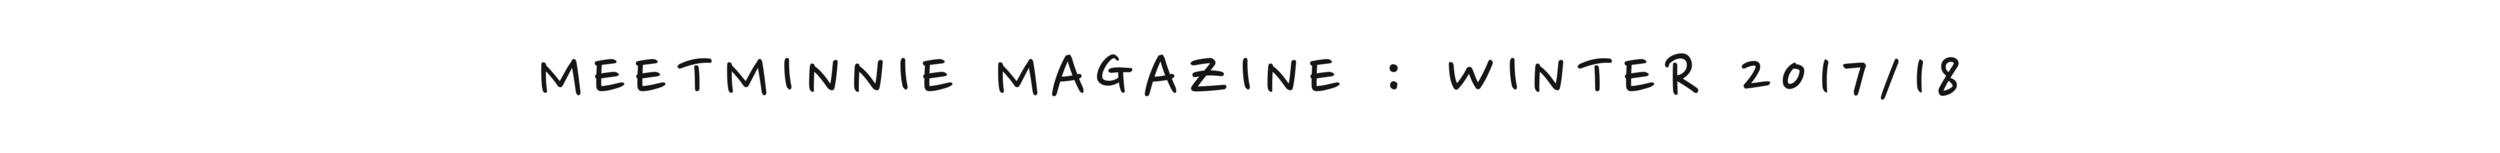 MeetMinnieMagazineWinter201718ScriptBar.png